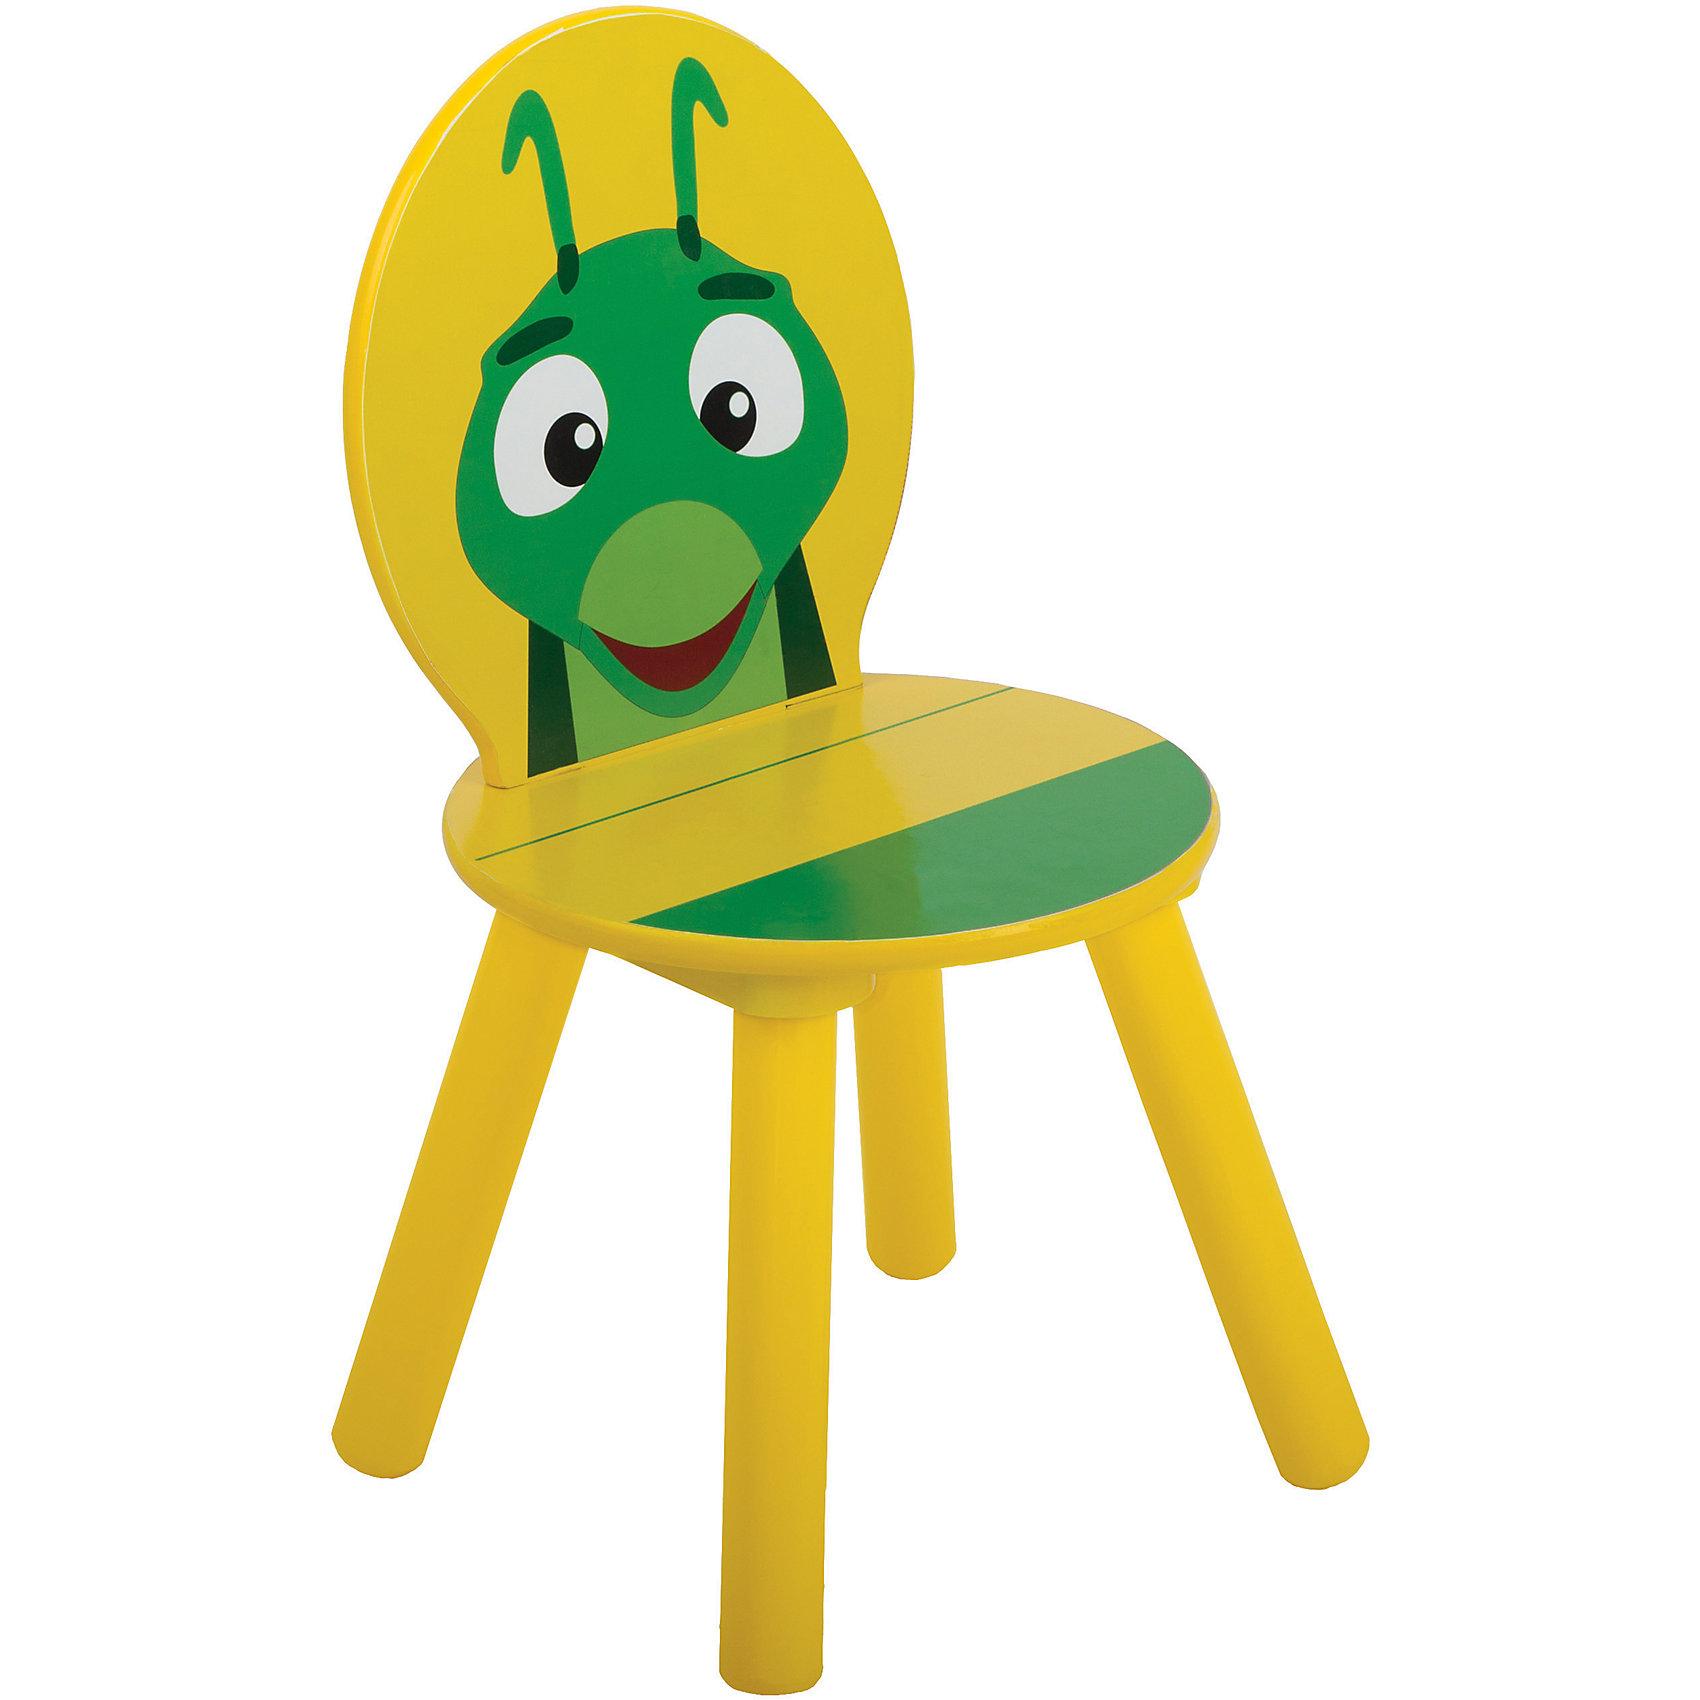 Круглый стул Кузя 26.8*26.8*52 см, Лунтик и его друзьяКруглый стул Кузя, Лунтик и его друзья - удобный комфортный стульчик, который замечательно подойдет для малышей и дошкольников. Стул выполнен из экологического материала - дерева и  украшен изображением кузнечика Кузи из популярного мультсериала Лунтик. Стульчик послужит прекрасным дополнением к детскому столику.<br><br>Дополнительная информация:<br><br>- Материал: дерево.<br>- Размер: 26,8 х 26,8 х 52 см.<br>- Размер упаковки: 35 х 53 х 5,5 см.<br>- Вес: 2,275 кг.<br><br>Круглый стул Кузя, Лунтик и его друзья, можно купить в нашем интернет-магазине.<br><br>Ширина мм: 350<br>Глубина мм: 530<br>Высота мм: 55<br>Вес г: 2275<br>Возраст от месяцев: 24<br>Возраст до месяцев: 72<br>Пол: Унисекс<br>Возраст: Детский<br>SKU: 3974560